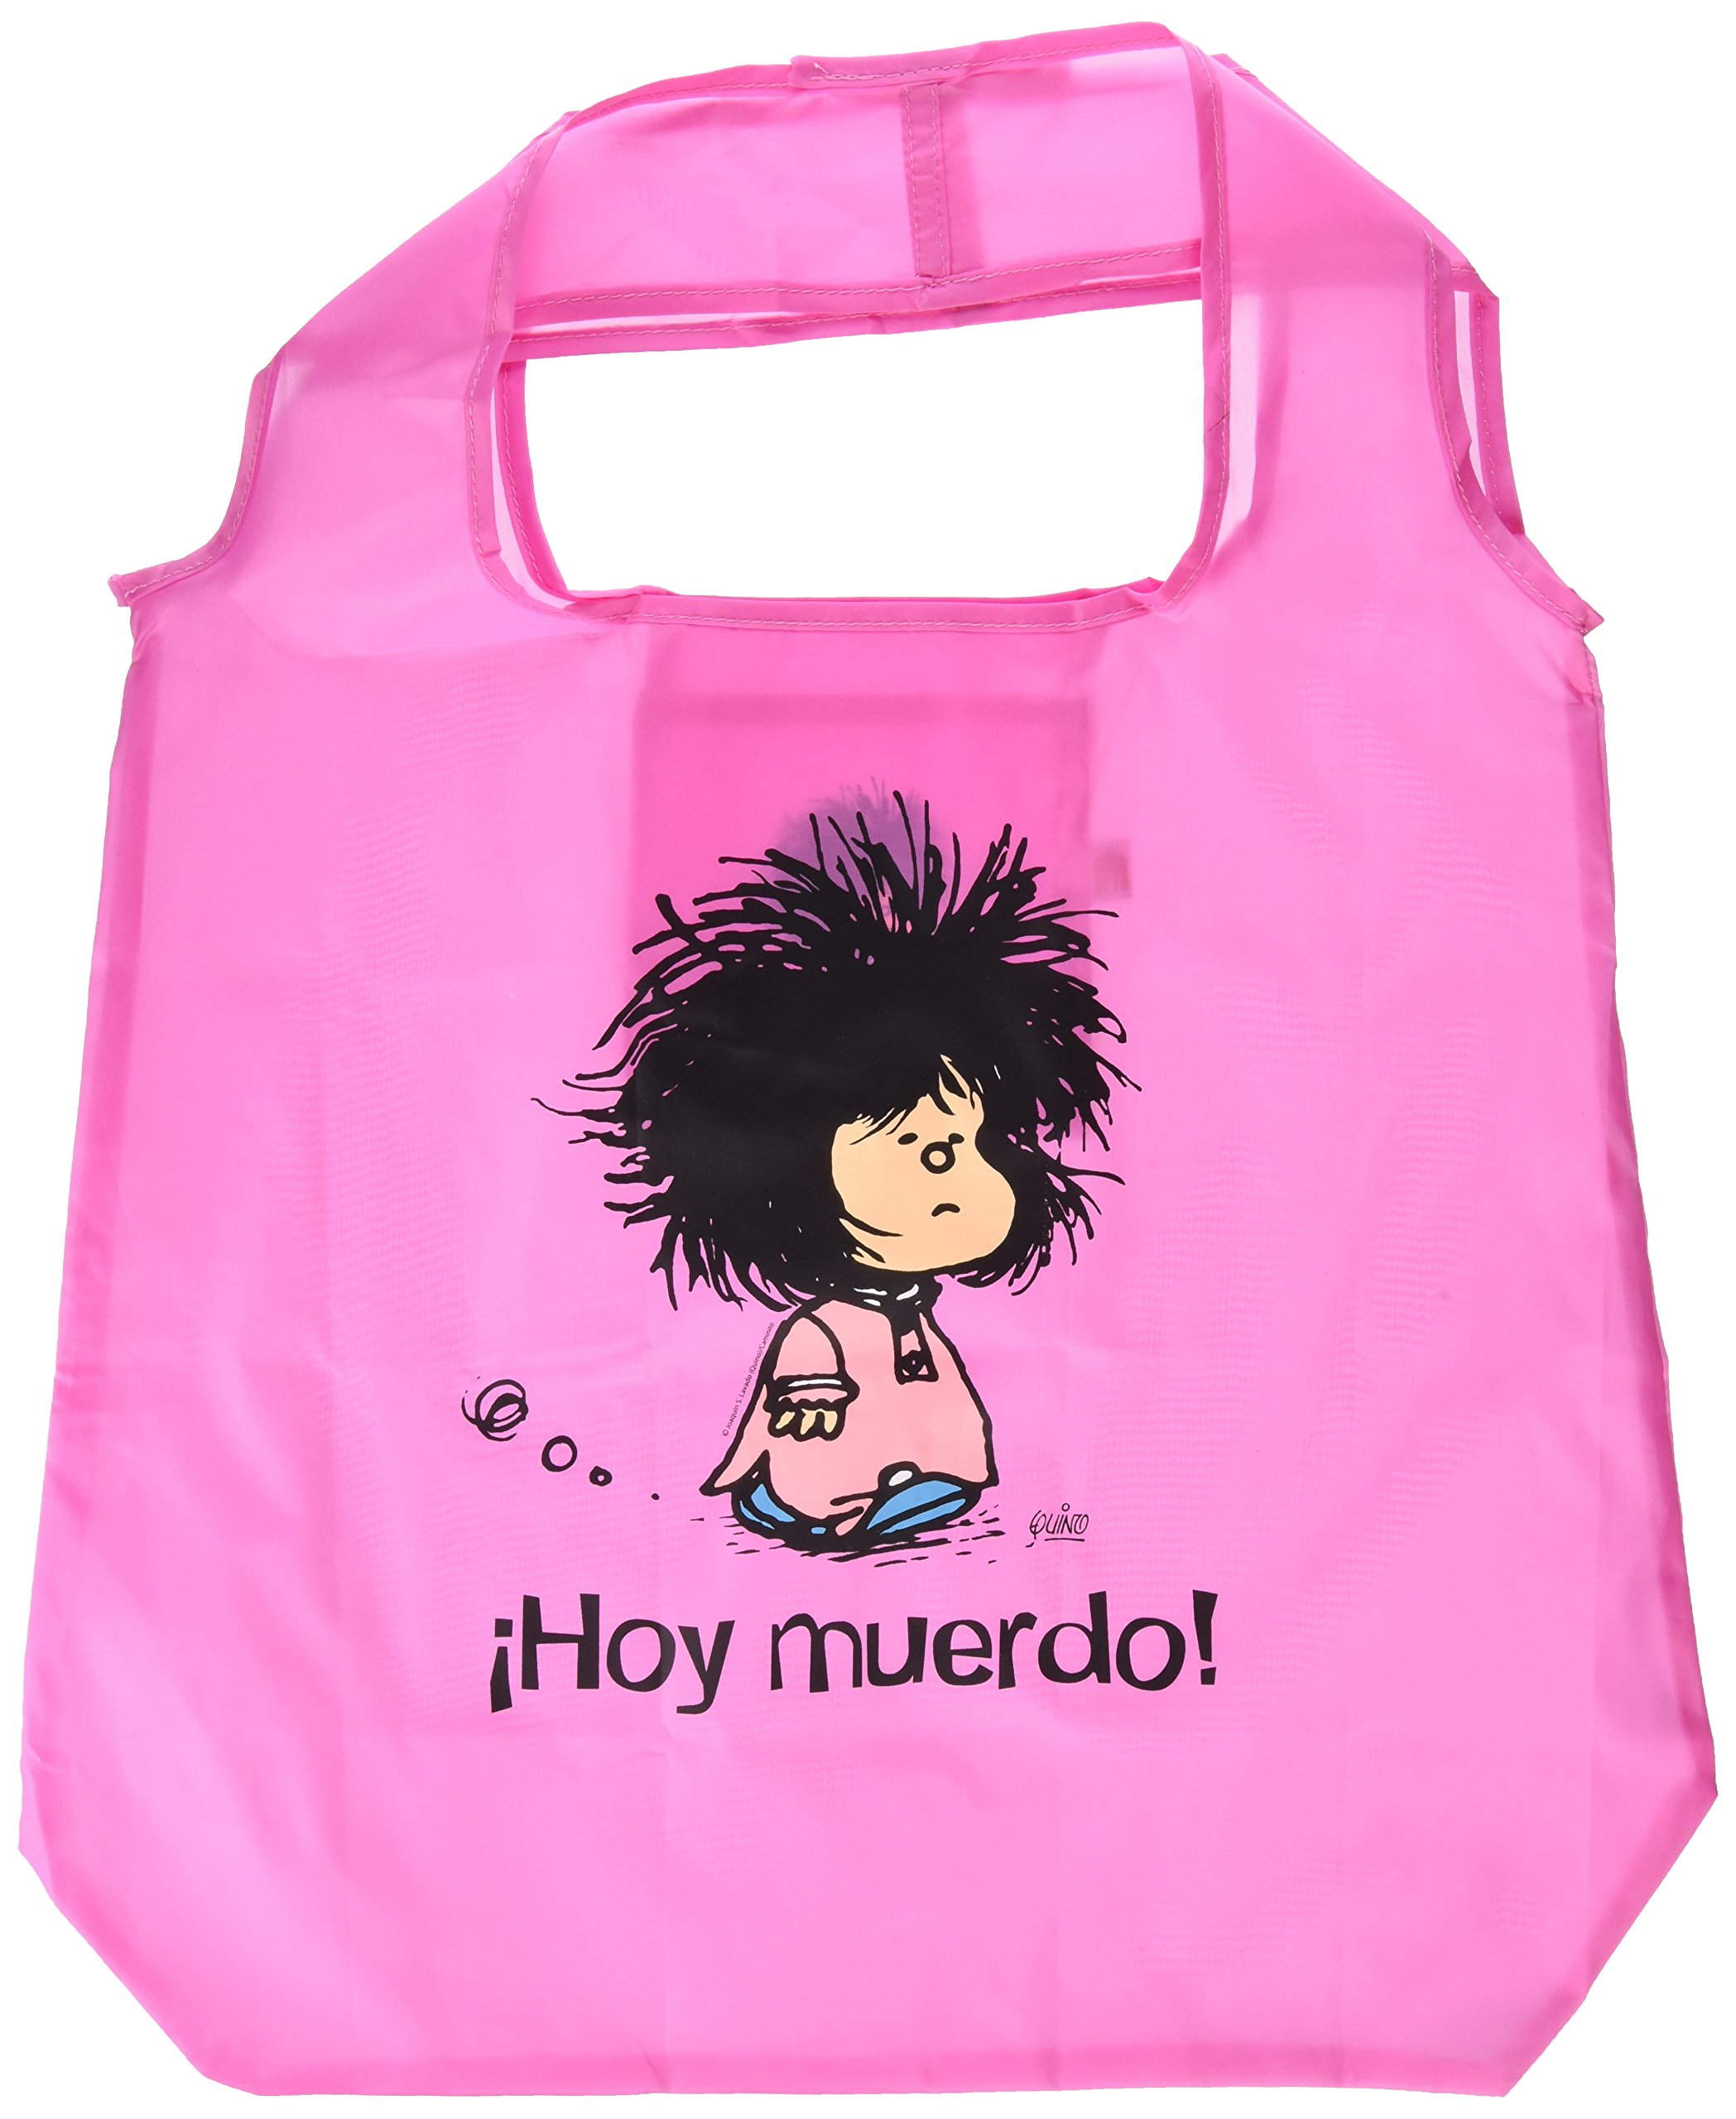 BOLSA PLEGABLE MAFALDA HOY MUERDO (N/E): QUINO ...